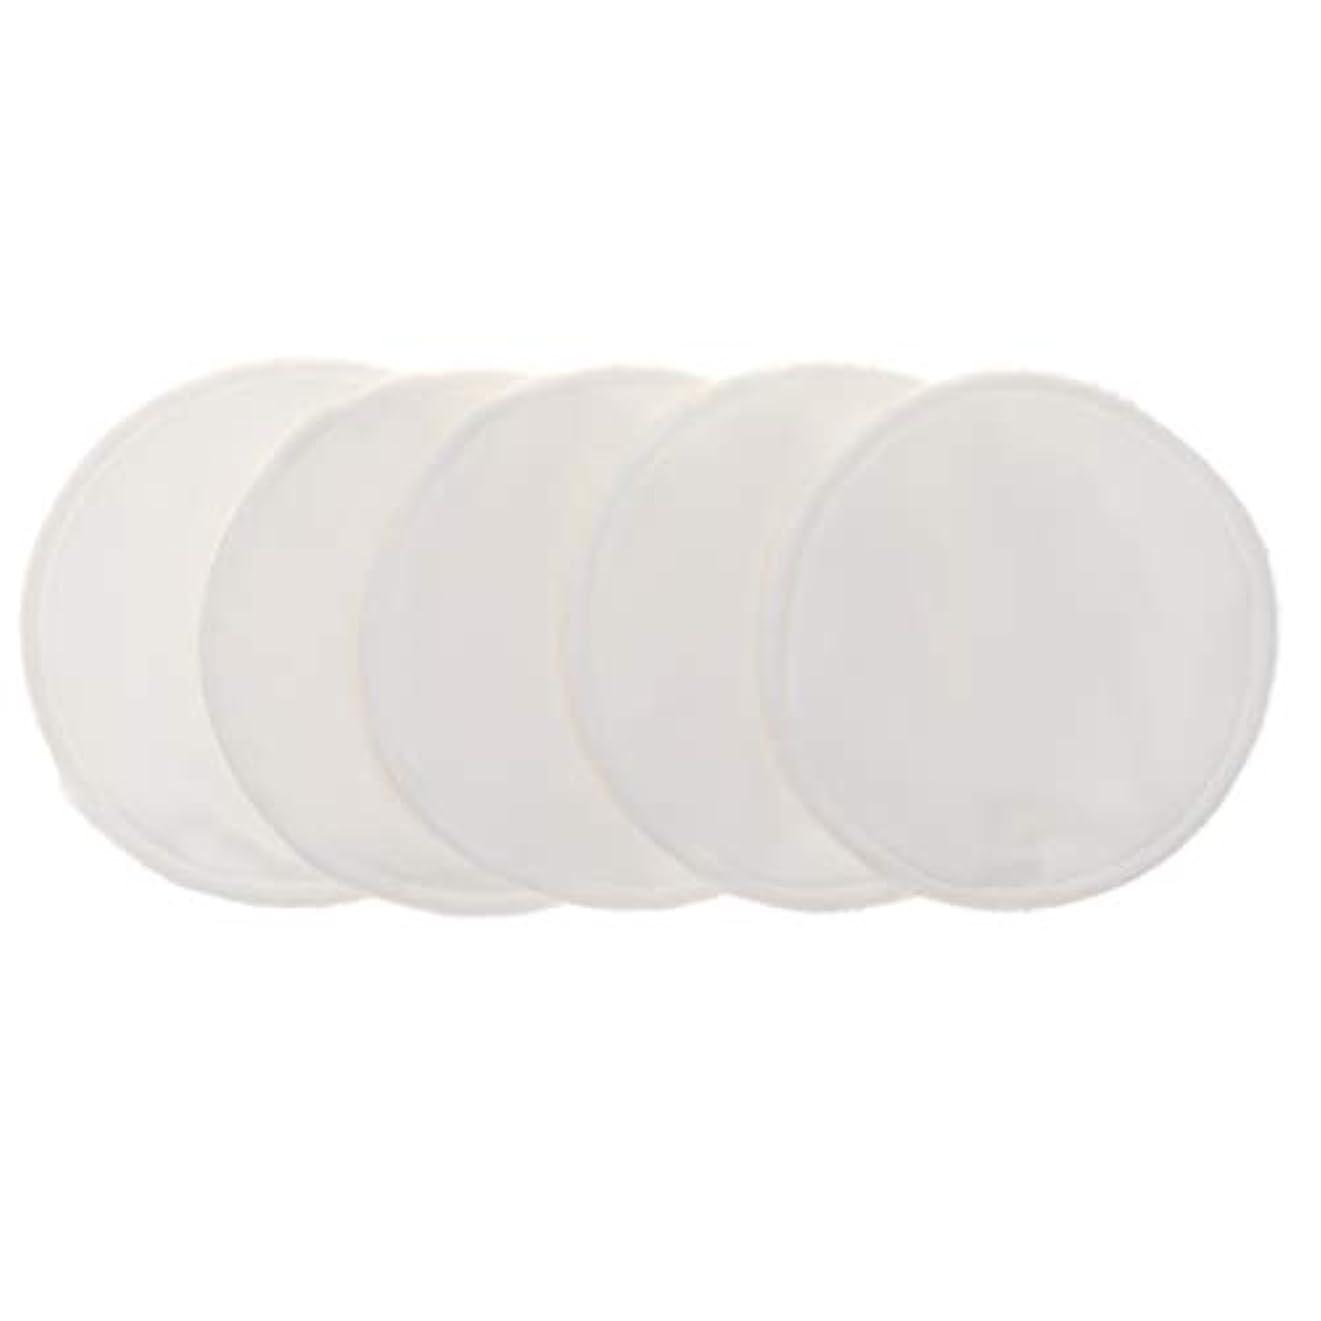 上に築きます語心臓12cm 胸パッド クレンジングシート 化粧水パッド 竹繊維 円形 洗える 再使用可能 5個 全5色 - 白